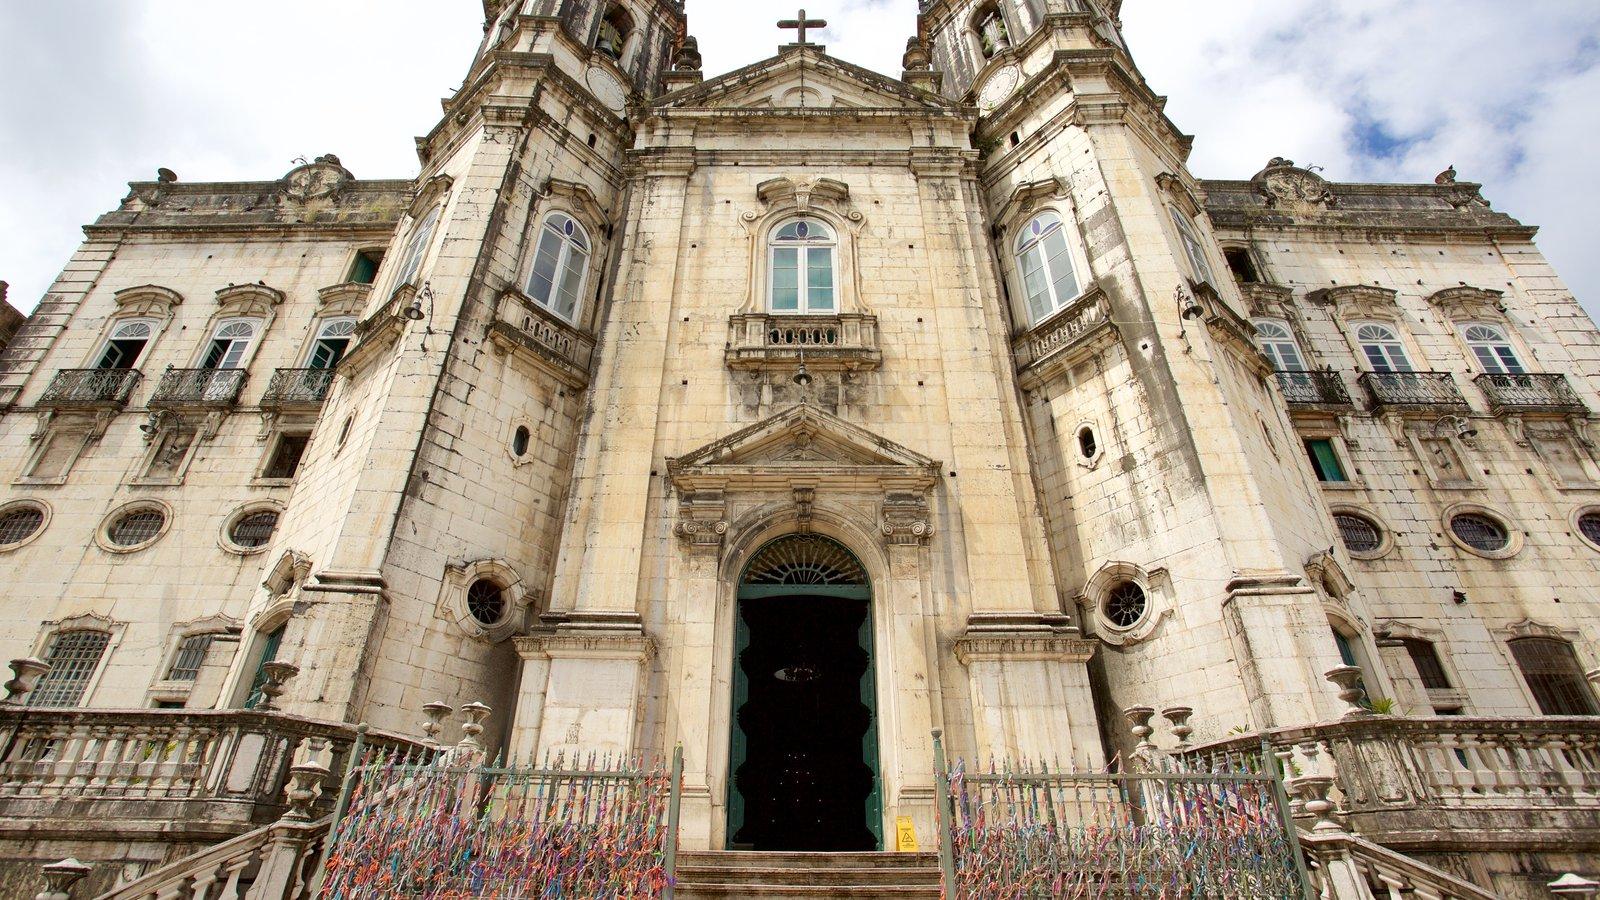 Basílica de Nossa Senhora de Conceição da Praia mostrando elementos de patrimônio, aspectos religiosos e uma igreja ou catedral